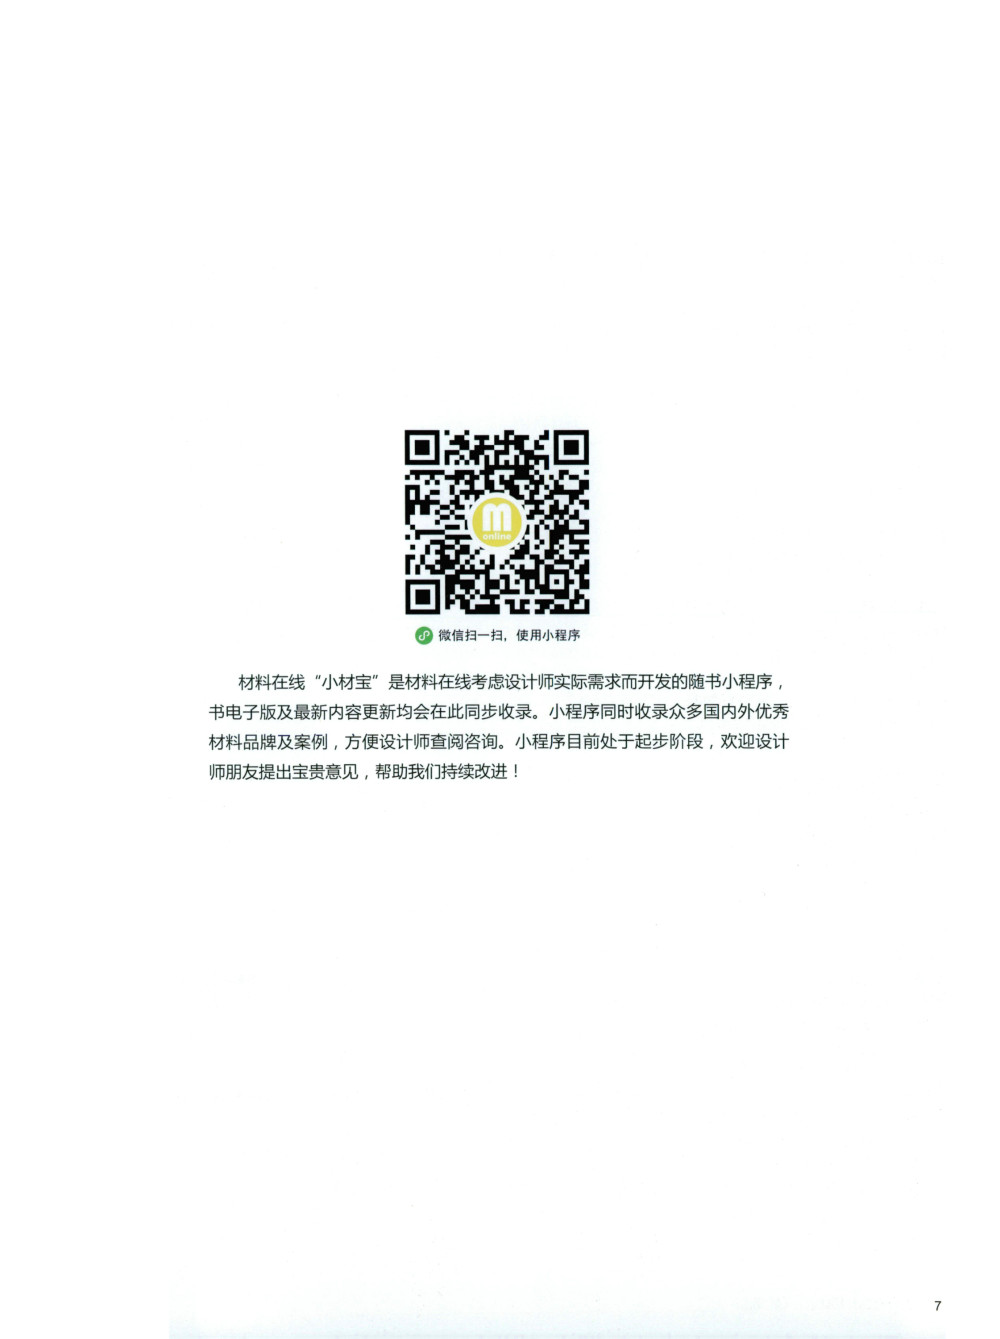 《设计师的材料清单·室内篇》(含高清PDF+JPG图片_0007.jpg